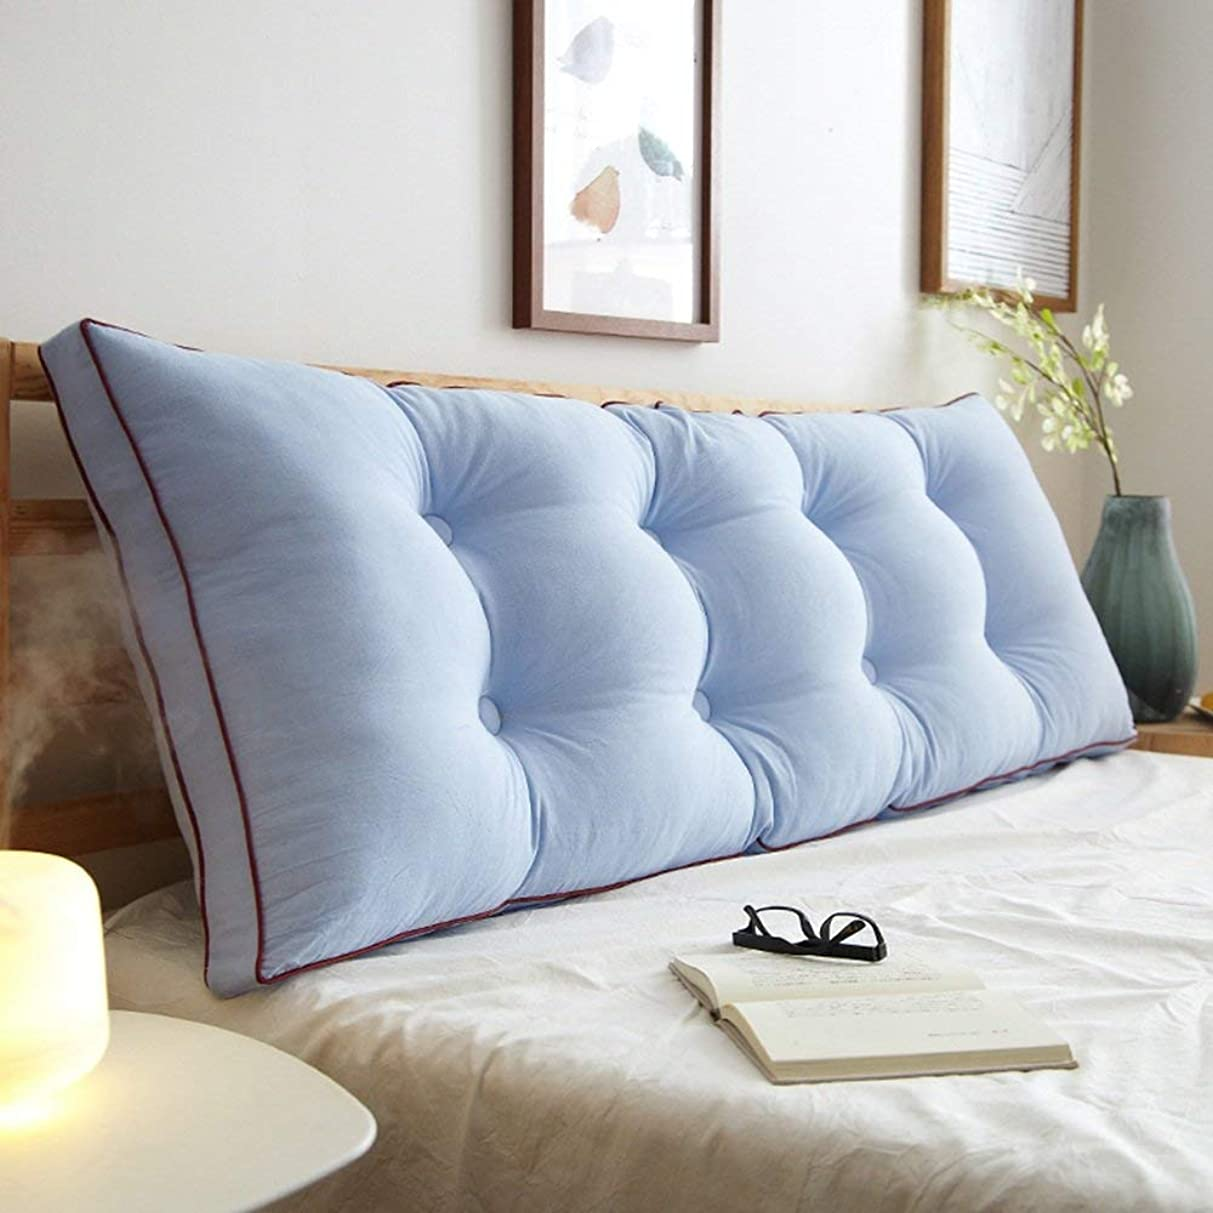 と原点セブンLts クッションファブリック取り外し可能なソフト保護ウエストダブルベッドバック読書枕 (Color : C, サイズ : 150*50*20cm)